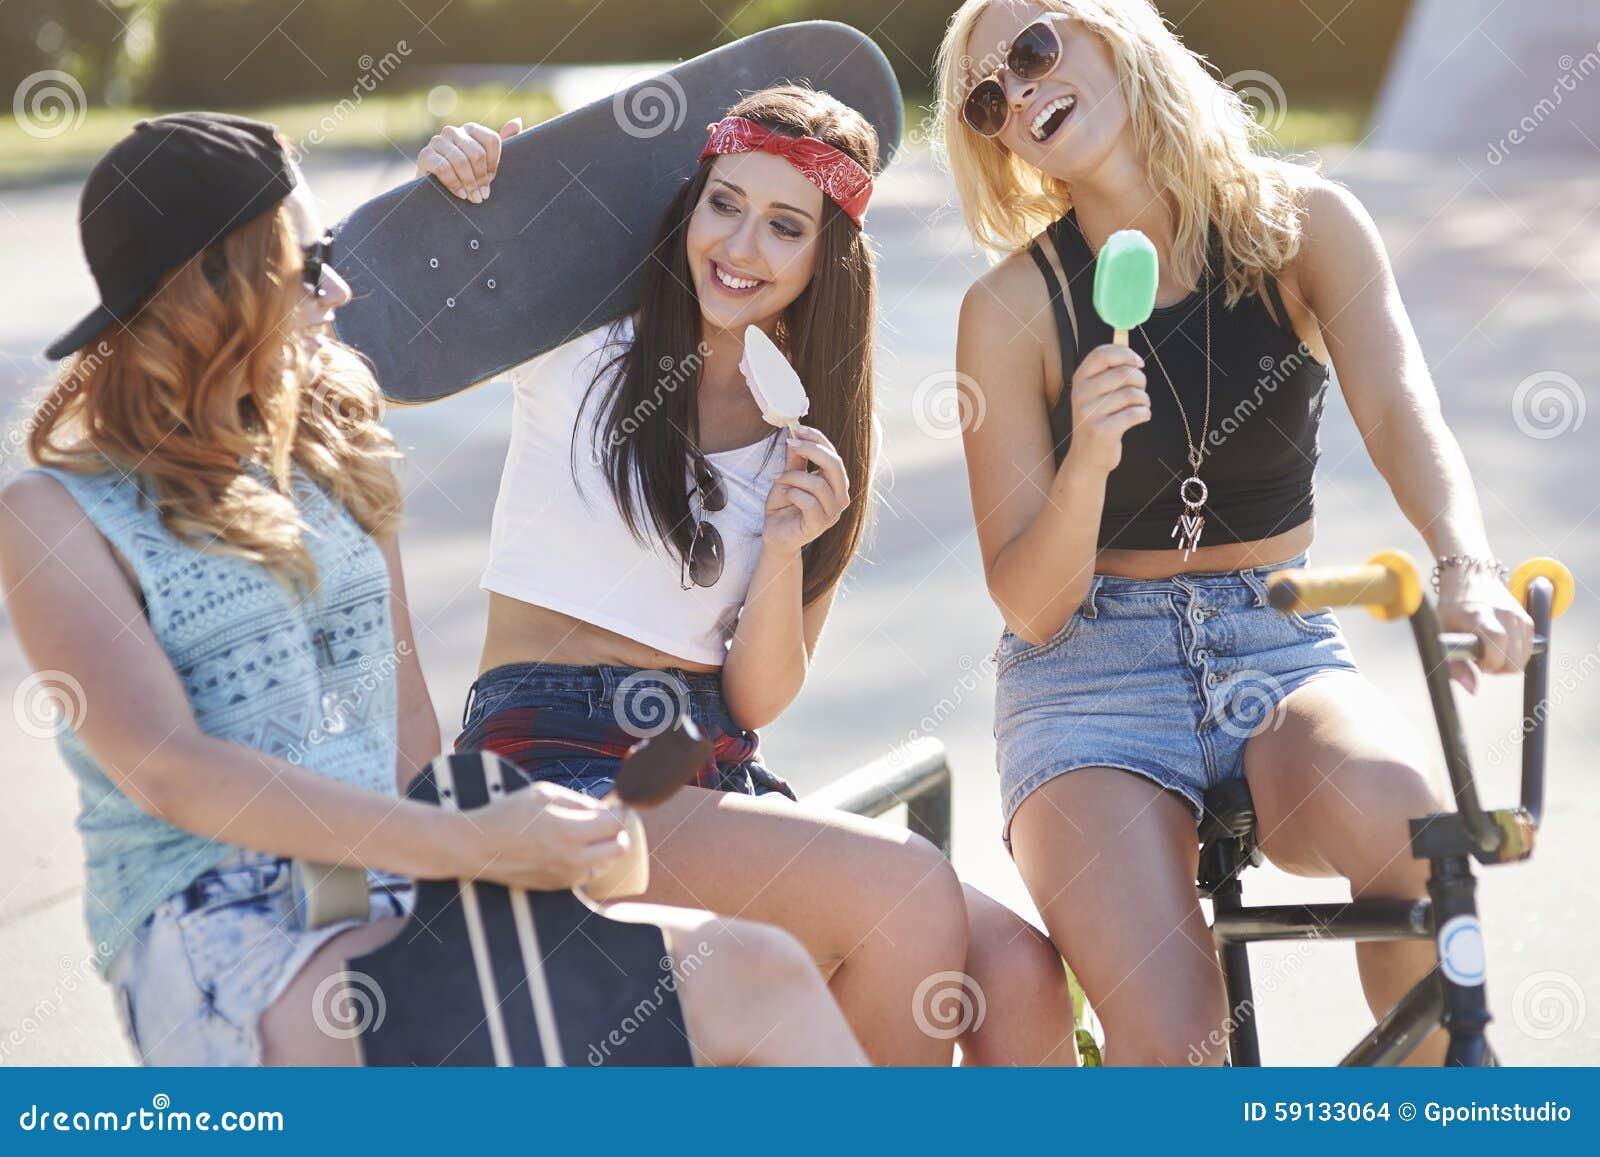 drei beste freundinnen